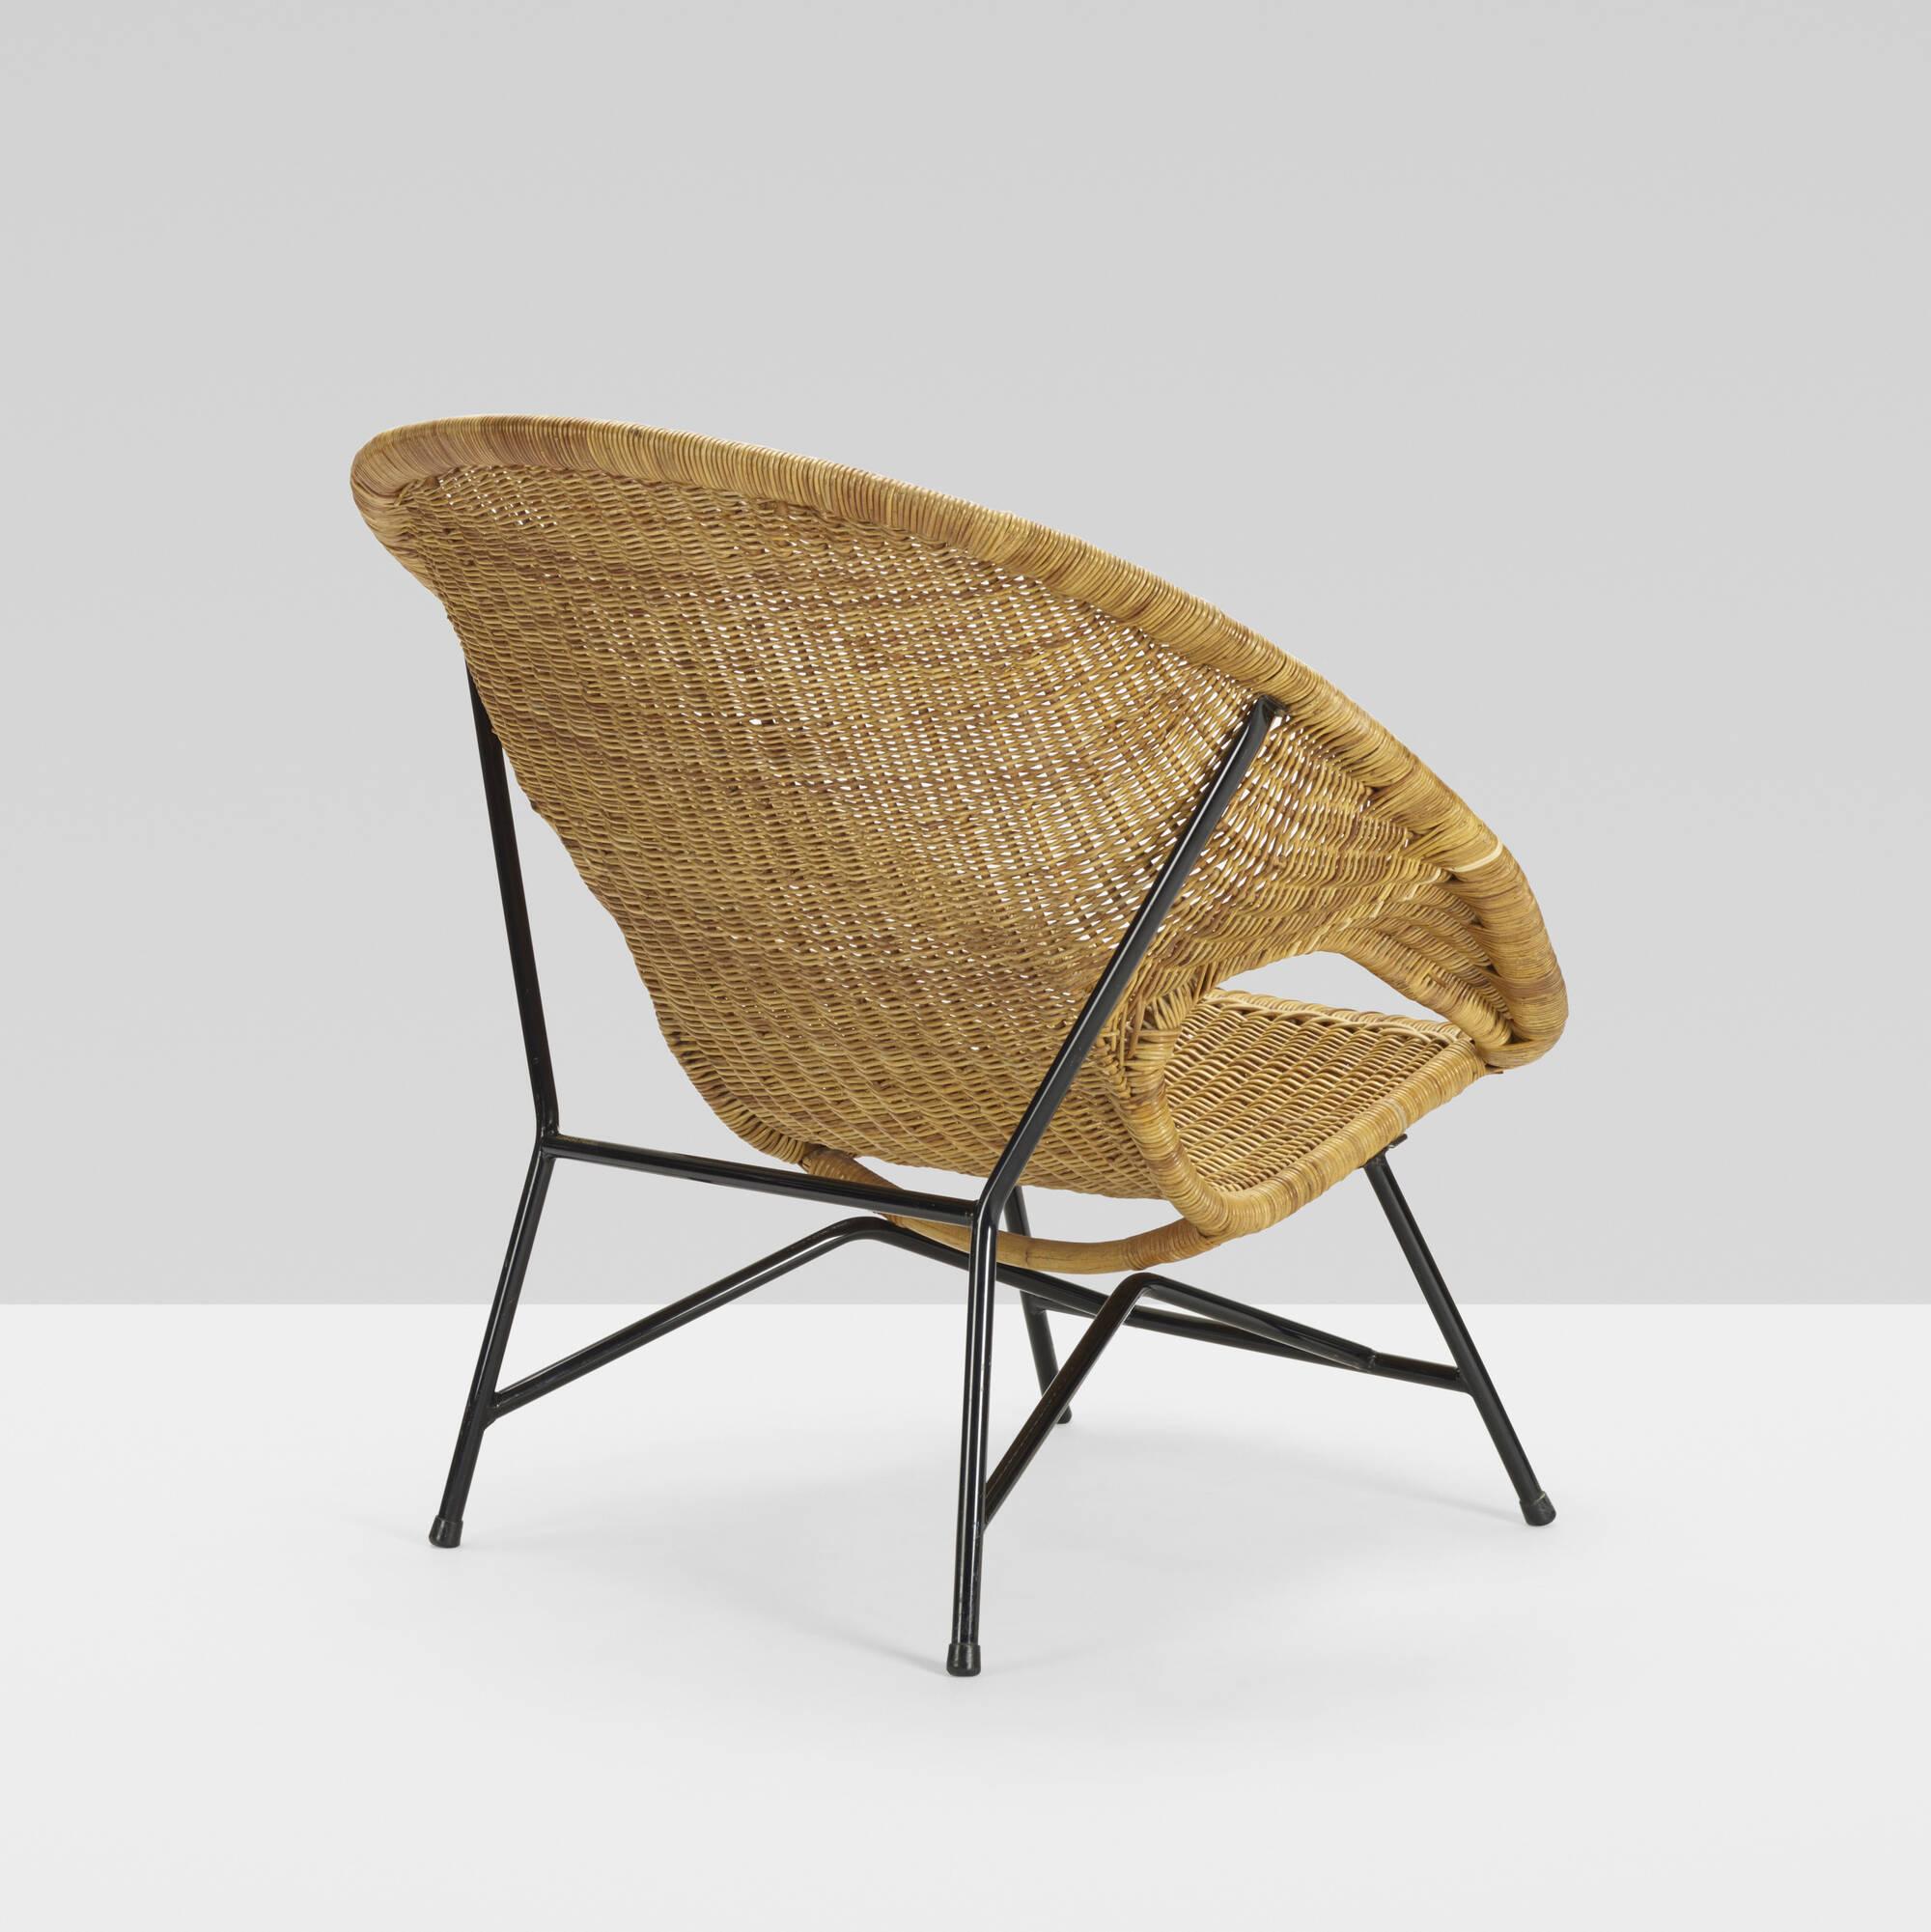 387: Dirk van Sliedregt / rare lounge chair, model 600 (3 of 4)